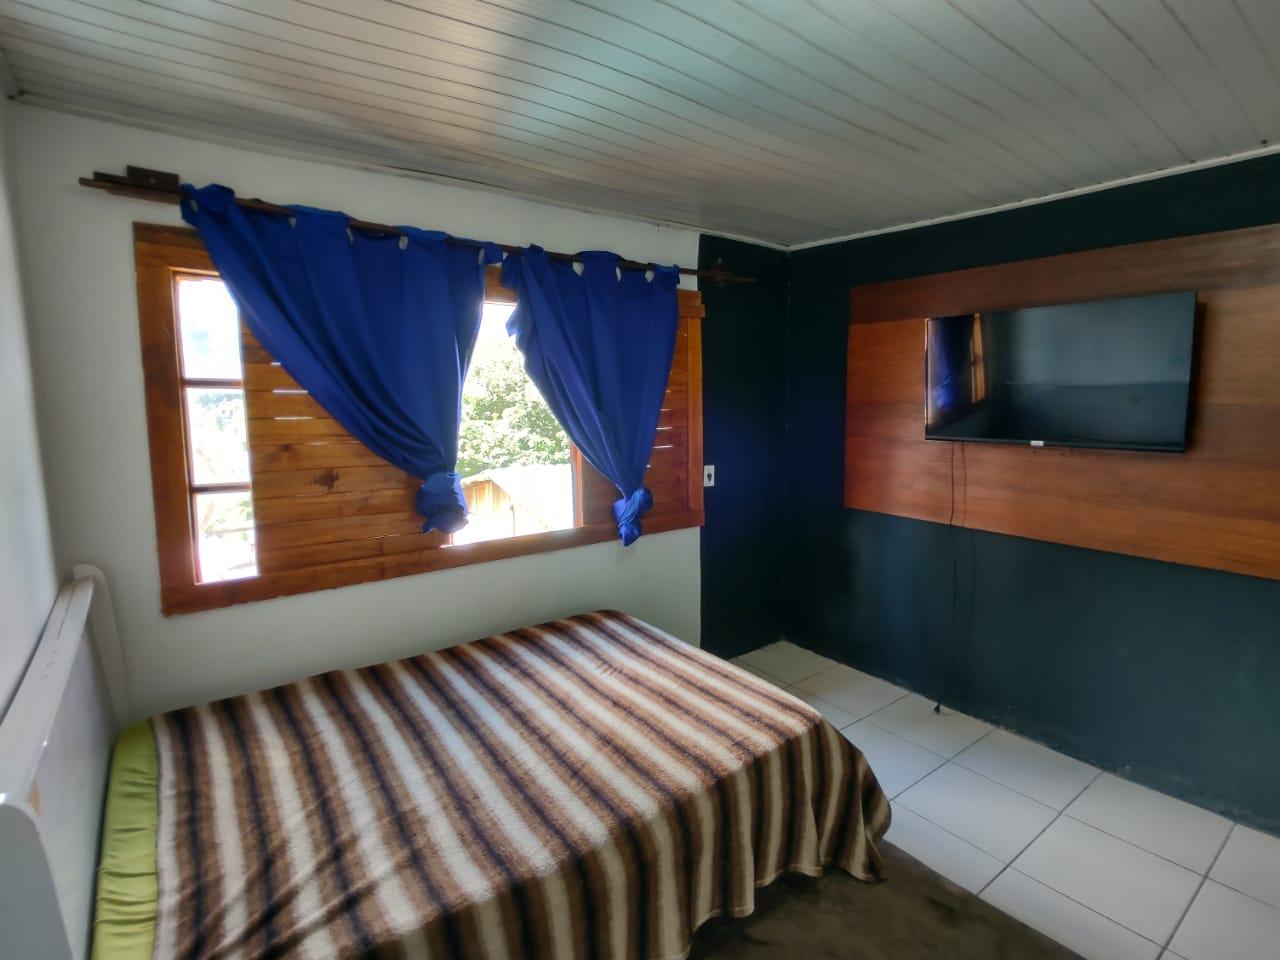 Fotos do imóvel Vendo casa Encantadora em Nova Hartz - Sparrenberger Imóveis